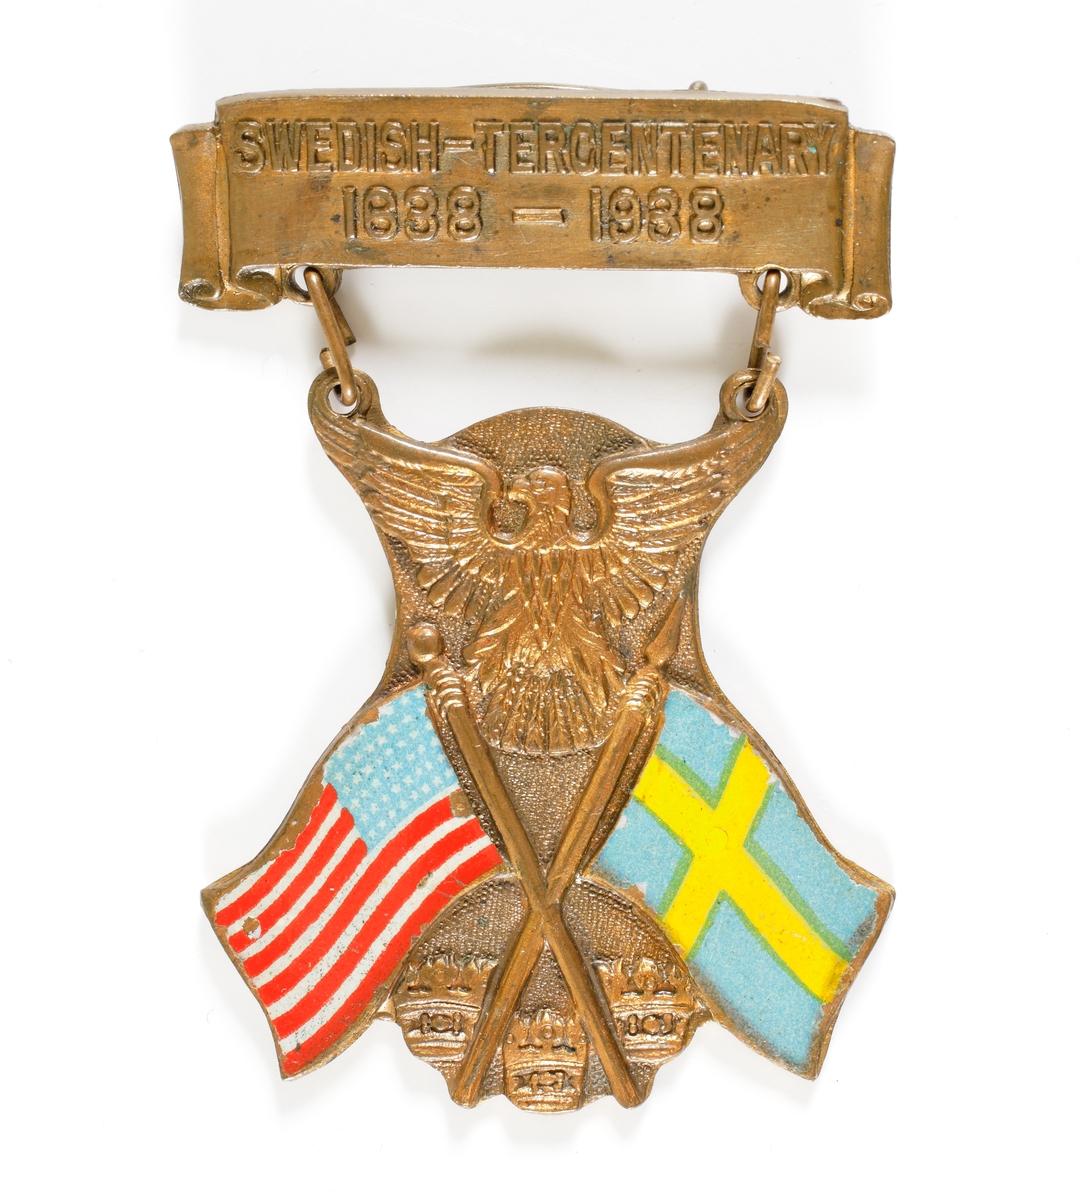 """Nålmärke bestående av en överdel försedd med texten """"SWEDISH-TERCENTENARY 1638-1938"""", samt en underdel som är sammanlänkad med två öglor. Den undre delen består av två korslagda fanor, den amerikanska och den svenska, samt upptill den amerikanska nationalörnen och nedtill de tre svenska kronorna."""